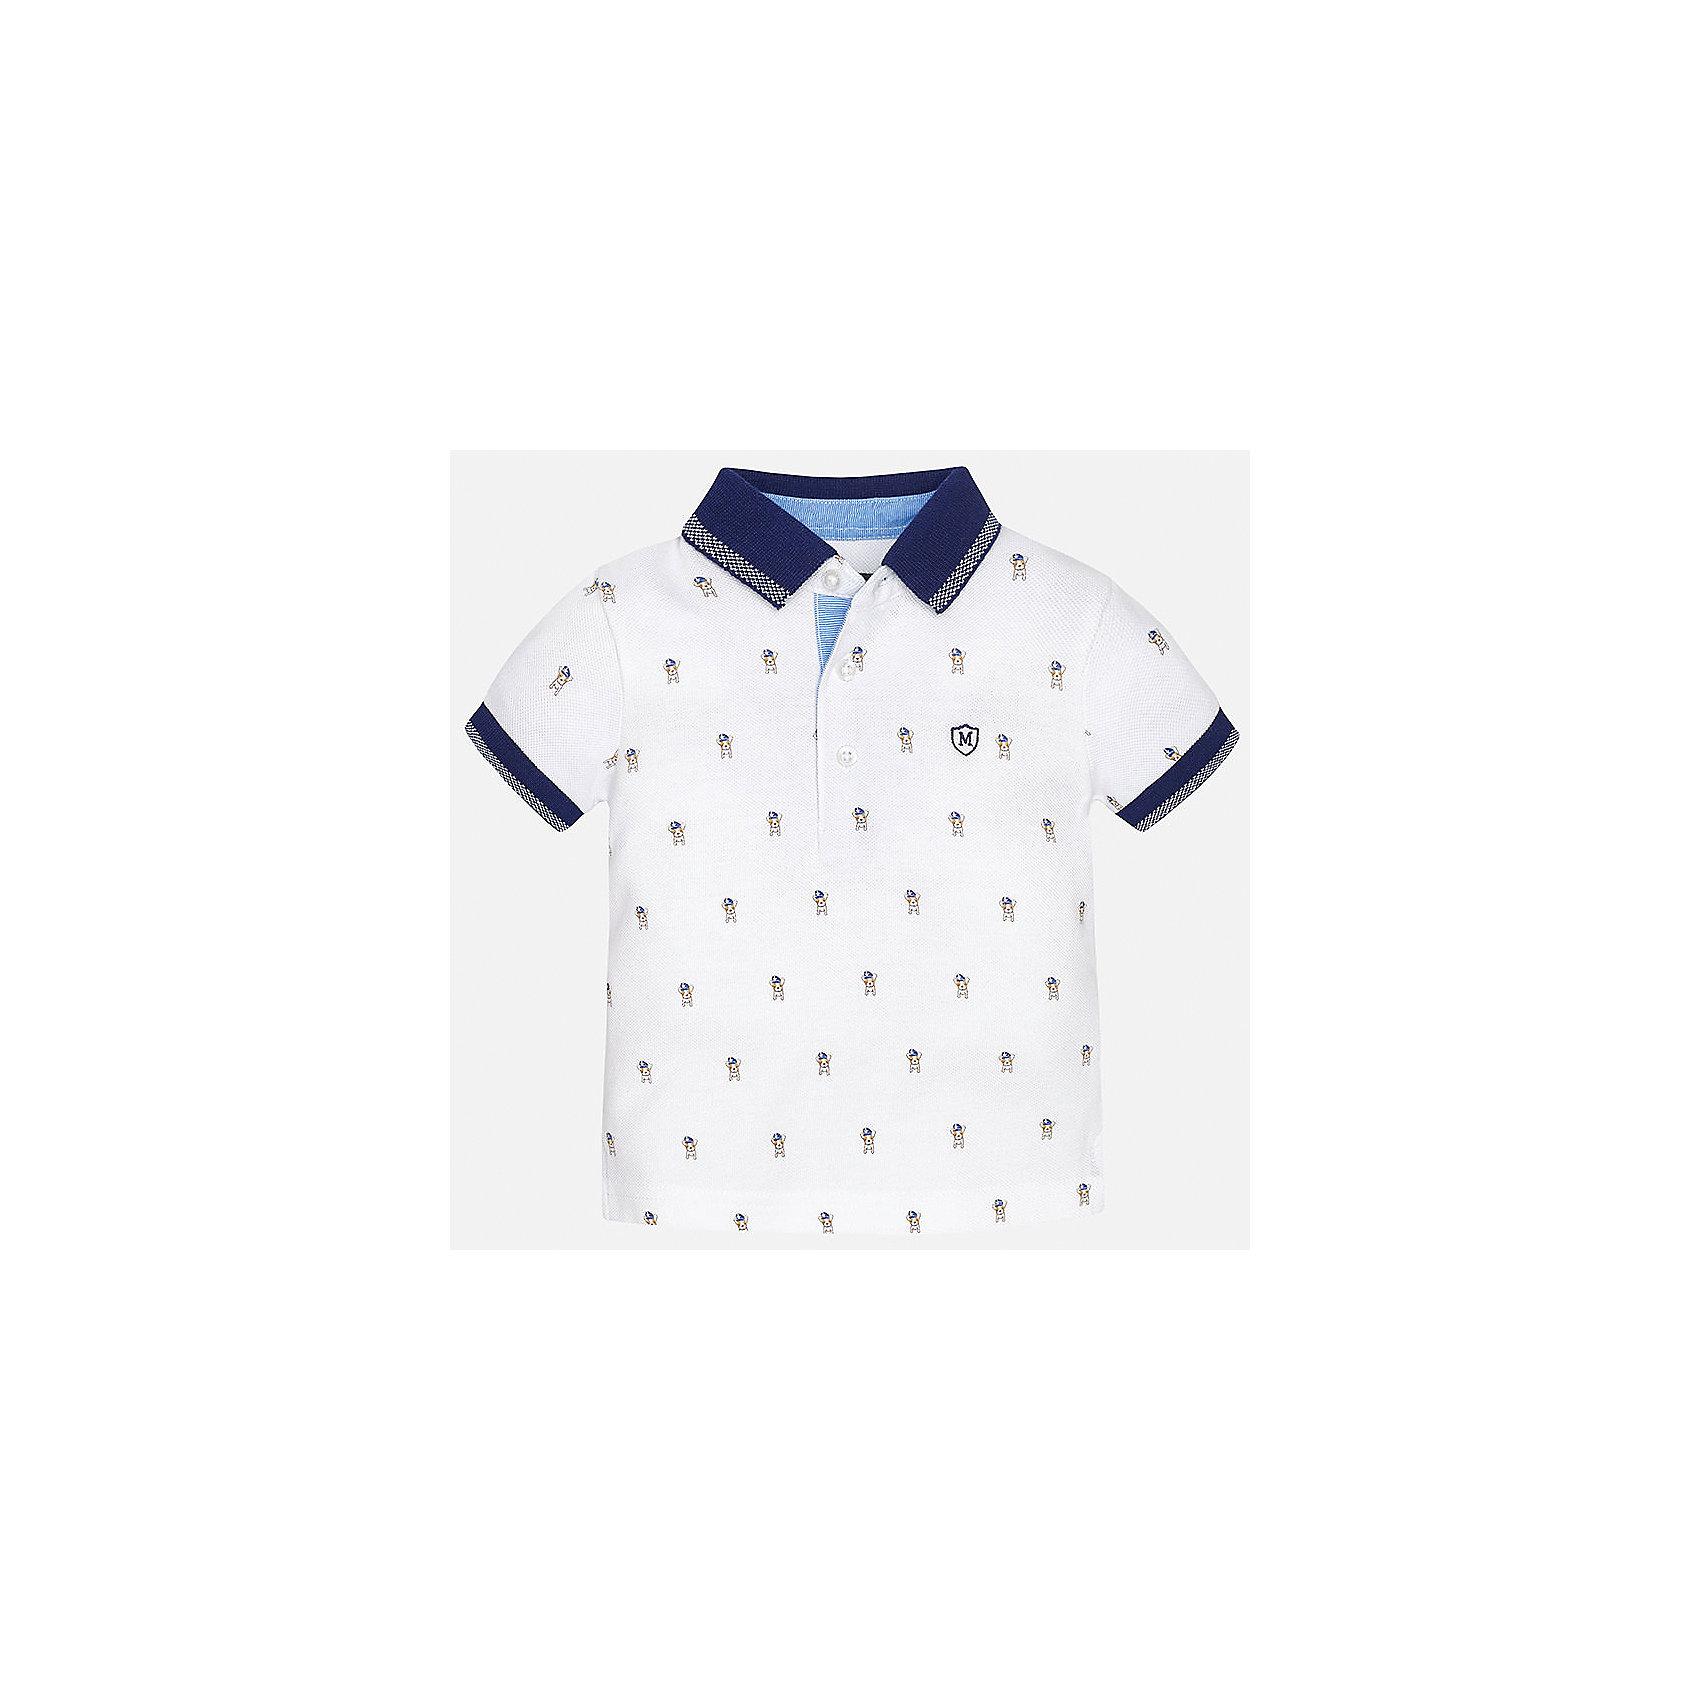 Футболка-поло для мальчика MayoralХарактеристики товара:<br><br>• цвет: белый<br>• состав: 100% хлопок<br>• отложной воротник<br>• короткие рукава<br>• застежка: пуговицы<br>• вышивка на груди<br>• страна бренда: Испания<br><br>Удобная и модная футболка-поло для мальчика может стать базовой вещью в гардеробе ребенка. Она отлично сочетается с брюками, шортами, джинсами и т.д. Универсальный крой и цвет позволяет подобрать к вещи низ разных расцветок. Практичное и стильное изделие! В составе материала - только натуральный хлопок, гипоаллергенный, приятный на ощупь, дышащий.<br><br>Одежда, обувь и аксессуары от испанского бренда Mayoral полюбились детям и взрослым по всему миру. Модели этой марки - стильные и удобные. Для их производства используются только безопасные, качественные материалы и фурнитура. Порадуйте ребенка модными и красивыми вещами от Mayoral! <br><br>Футболку-поло для мальчика от испанского бренда Mayoral (Майорал) можно купить в нашем интернет-магазине.<br><br>Ширина мм: 230<br>Глубина мм: 40<br>Высота мм: 220<br>Вес г: 250<br>Цвет: белый<br>Возраст от месяцев: 18<br>Возраст до месяцев: 24<br>Пол: Мужской<br>Возраст: Детский<br>Размер: 92,74,80,86<br>SKU: 5278529